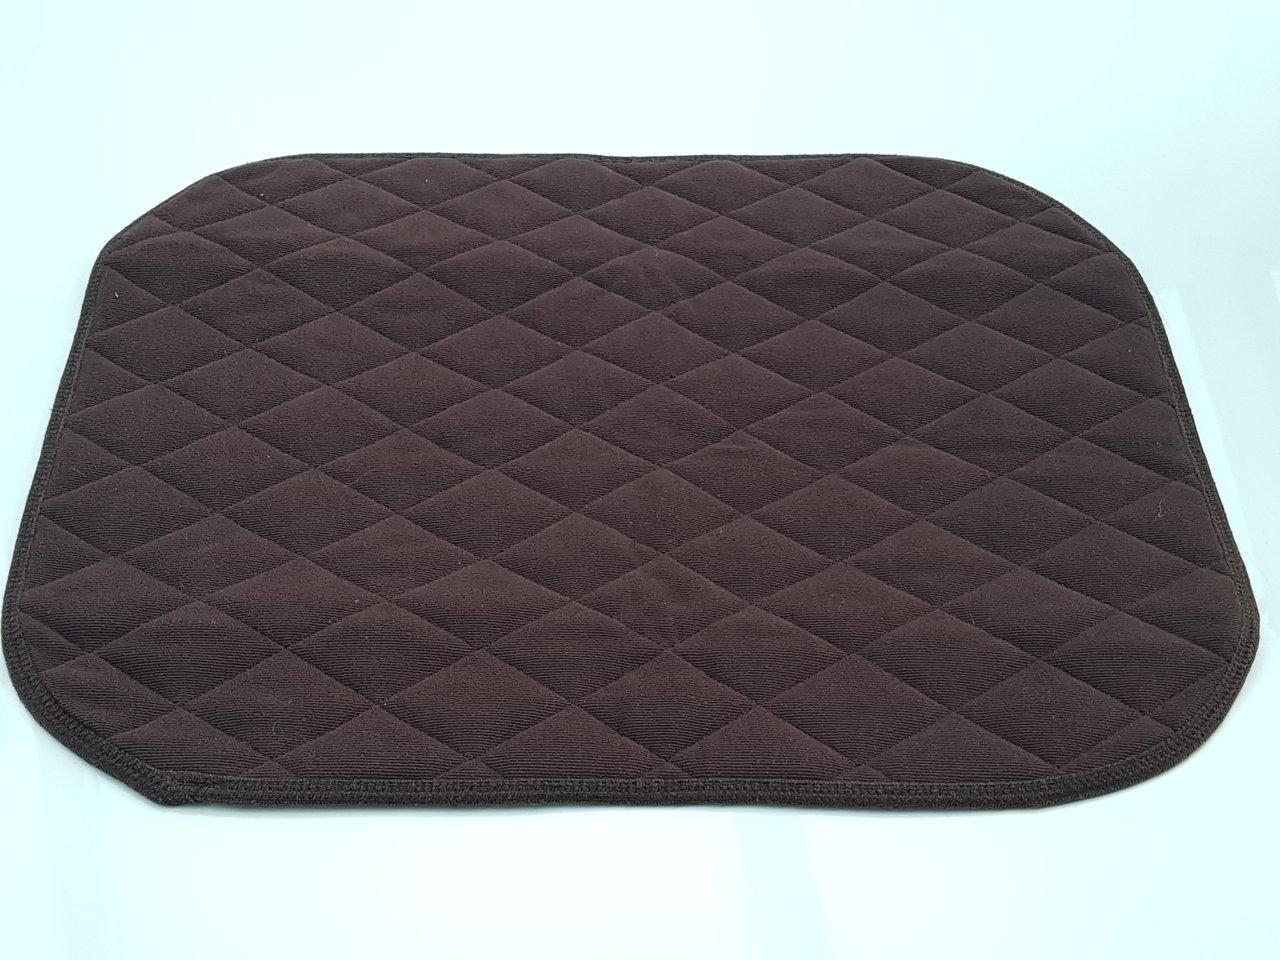 inkontinenz sitzauflage f r st hle und sessel format 40 x 50 cm saugf hig waschbar farbe braun. Black Bedroom Furniture Sets. Home Design Ideas